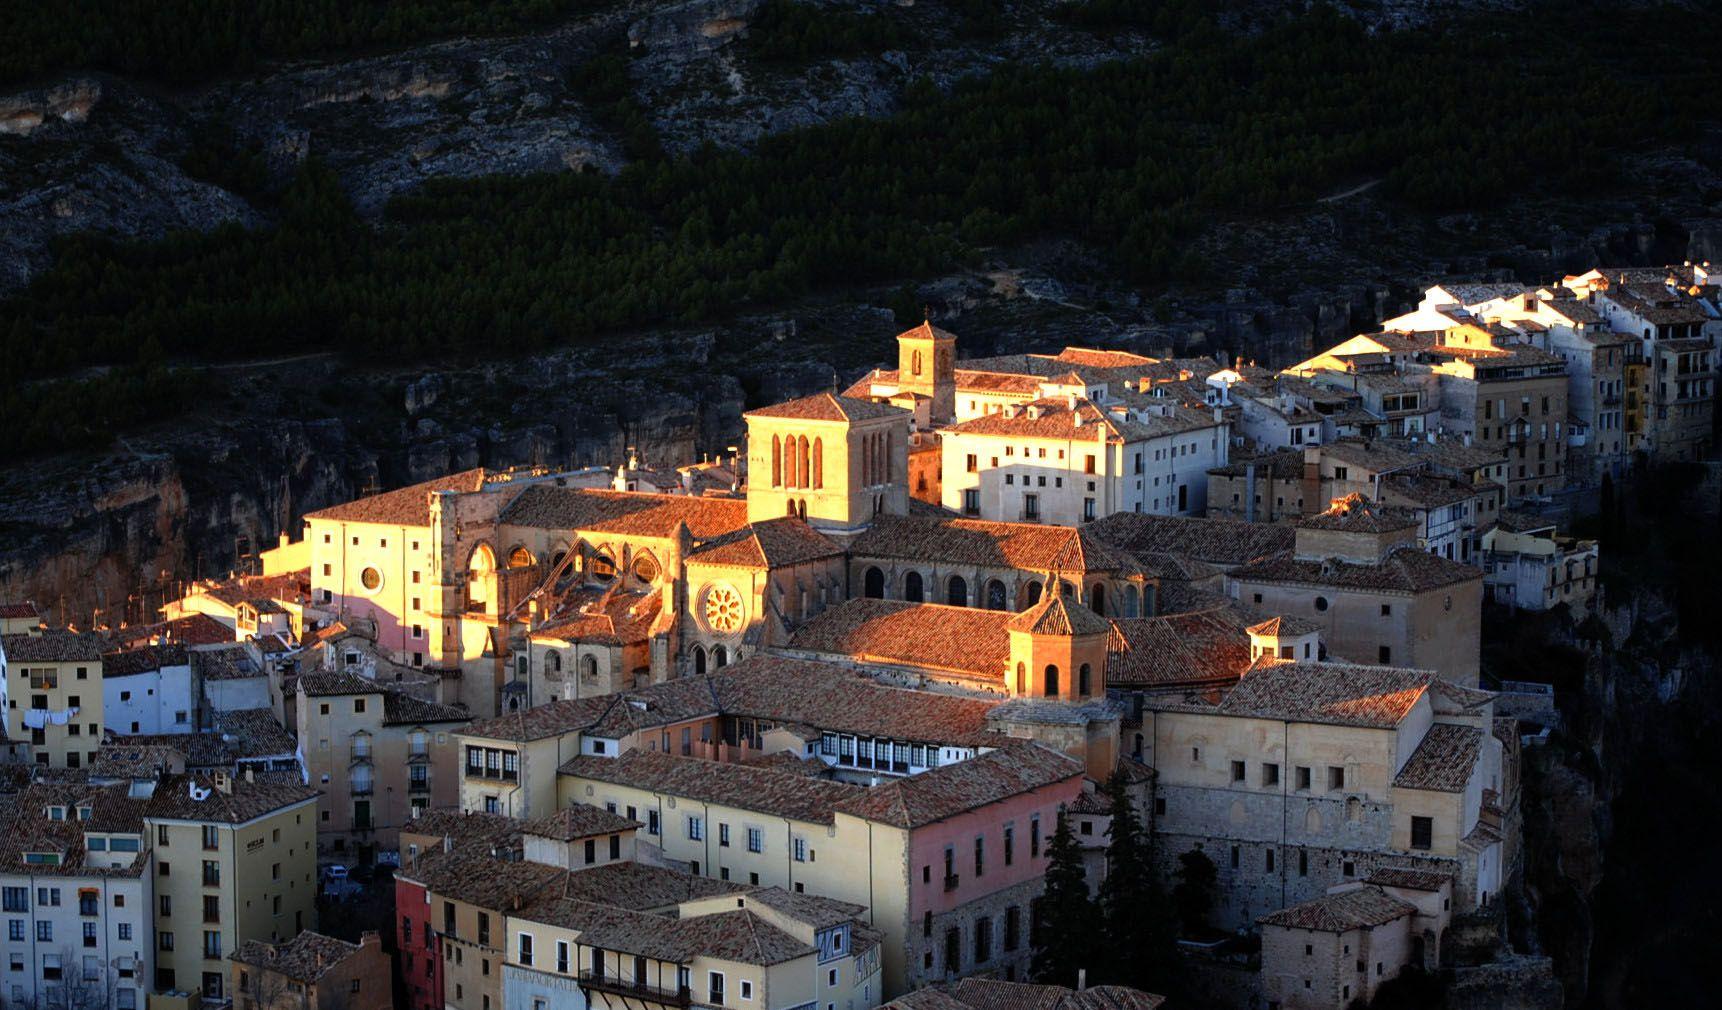 Fotografia Cuenca. Nace el grupo de trabajo del CSCAE 'Arquitectos +